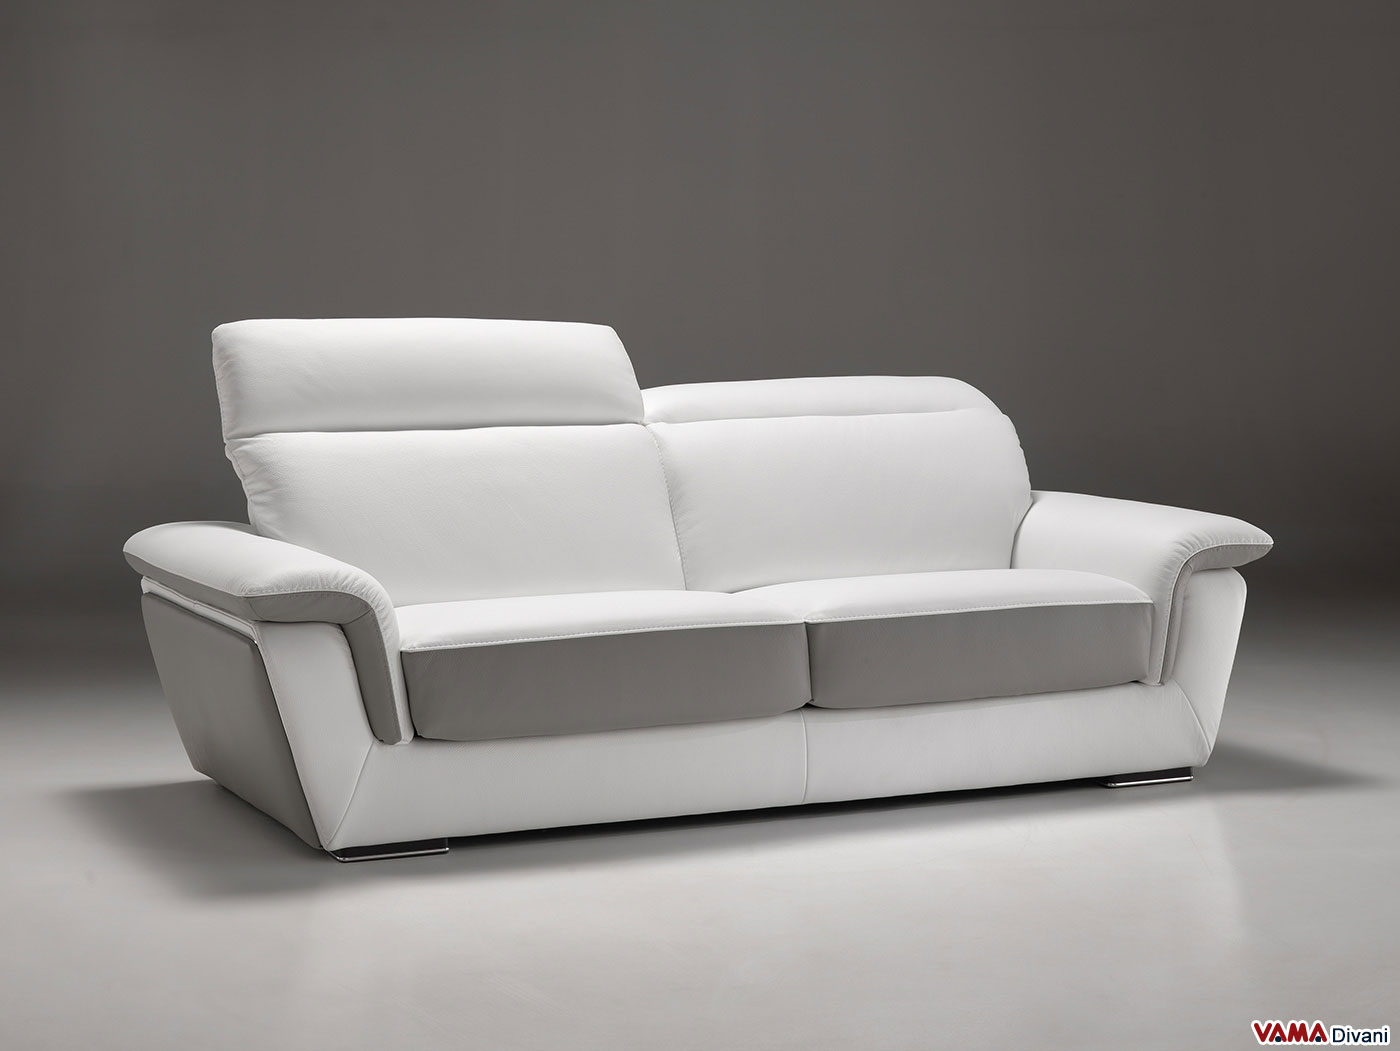 Divano moderno in pelle di design anche in versione angolare - Divano bianco in pelle ...